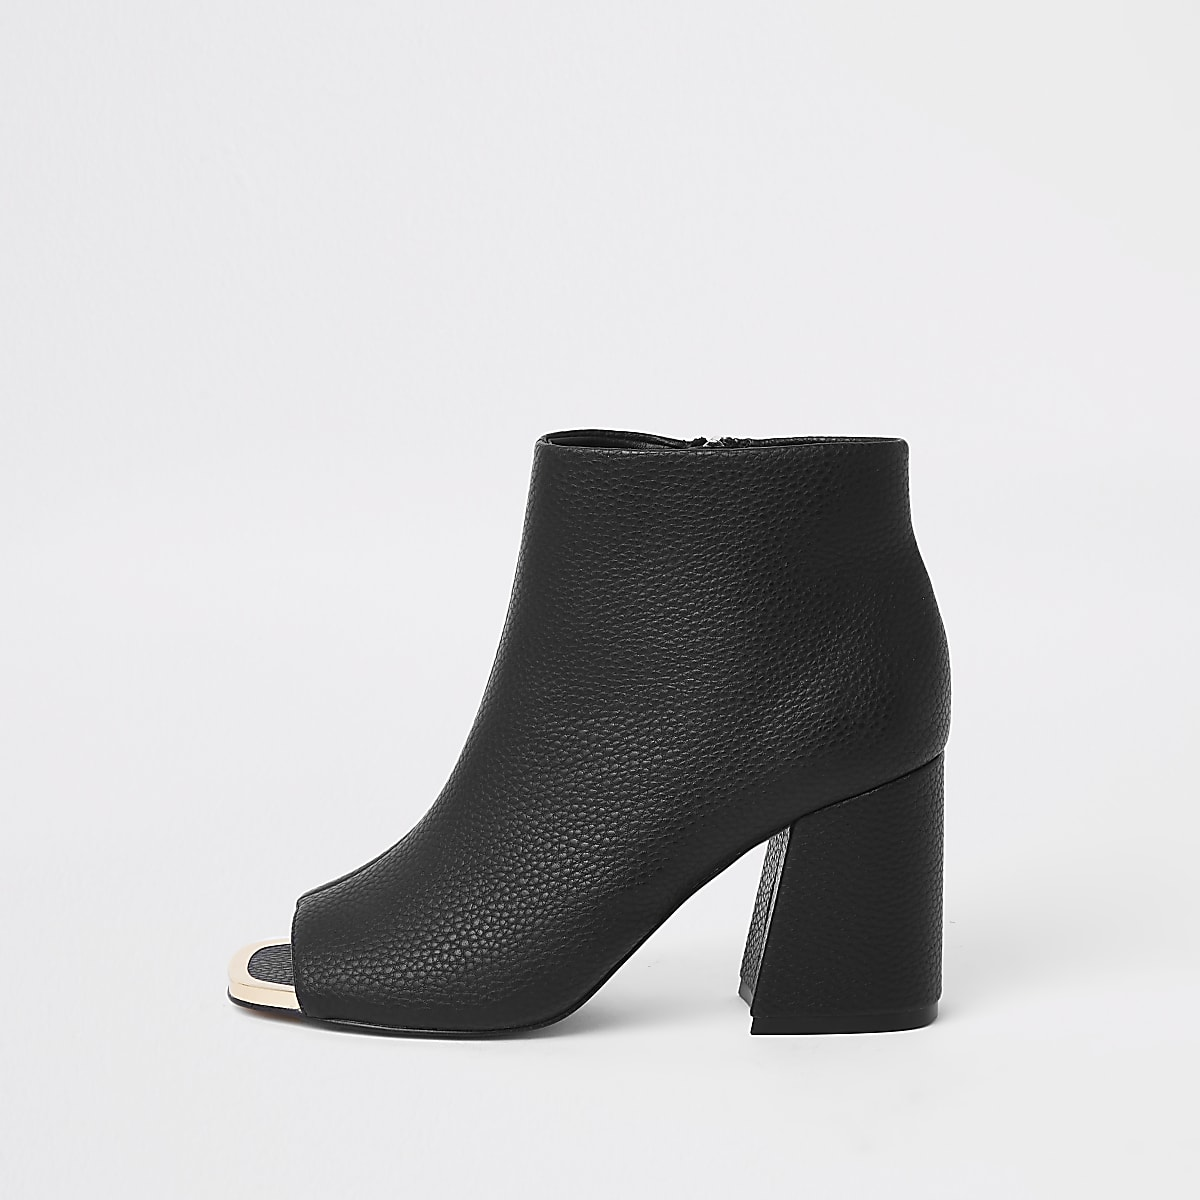 Schwarze Shoe Boots aus Lederimitat